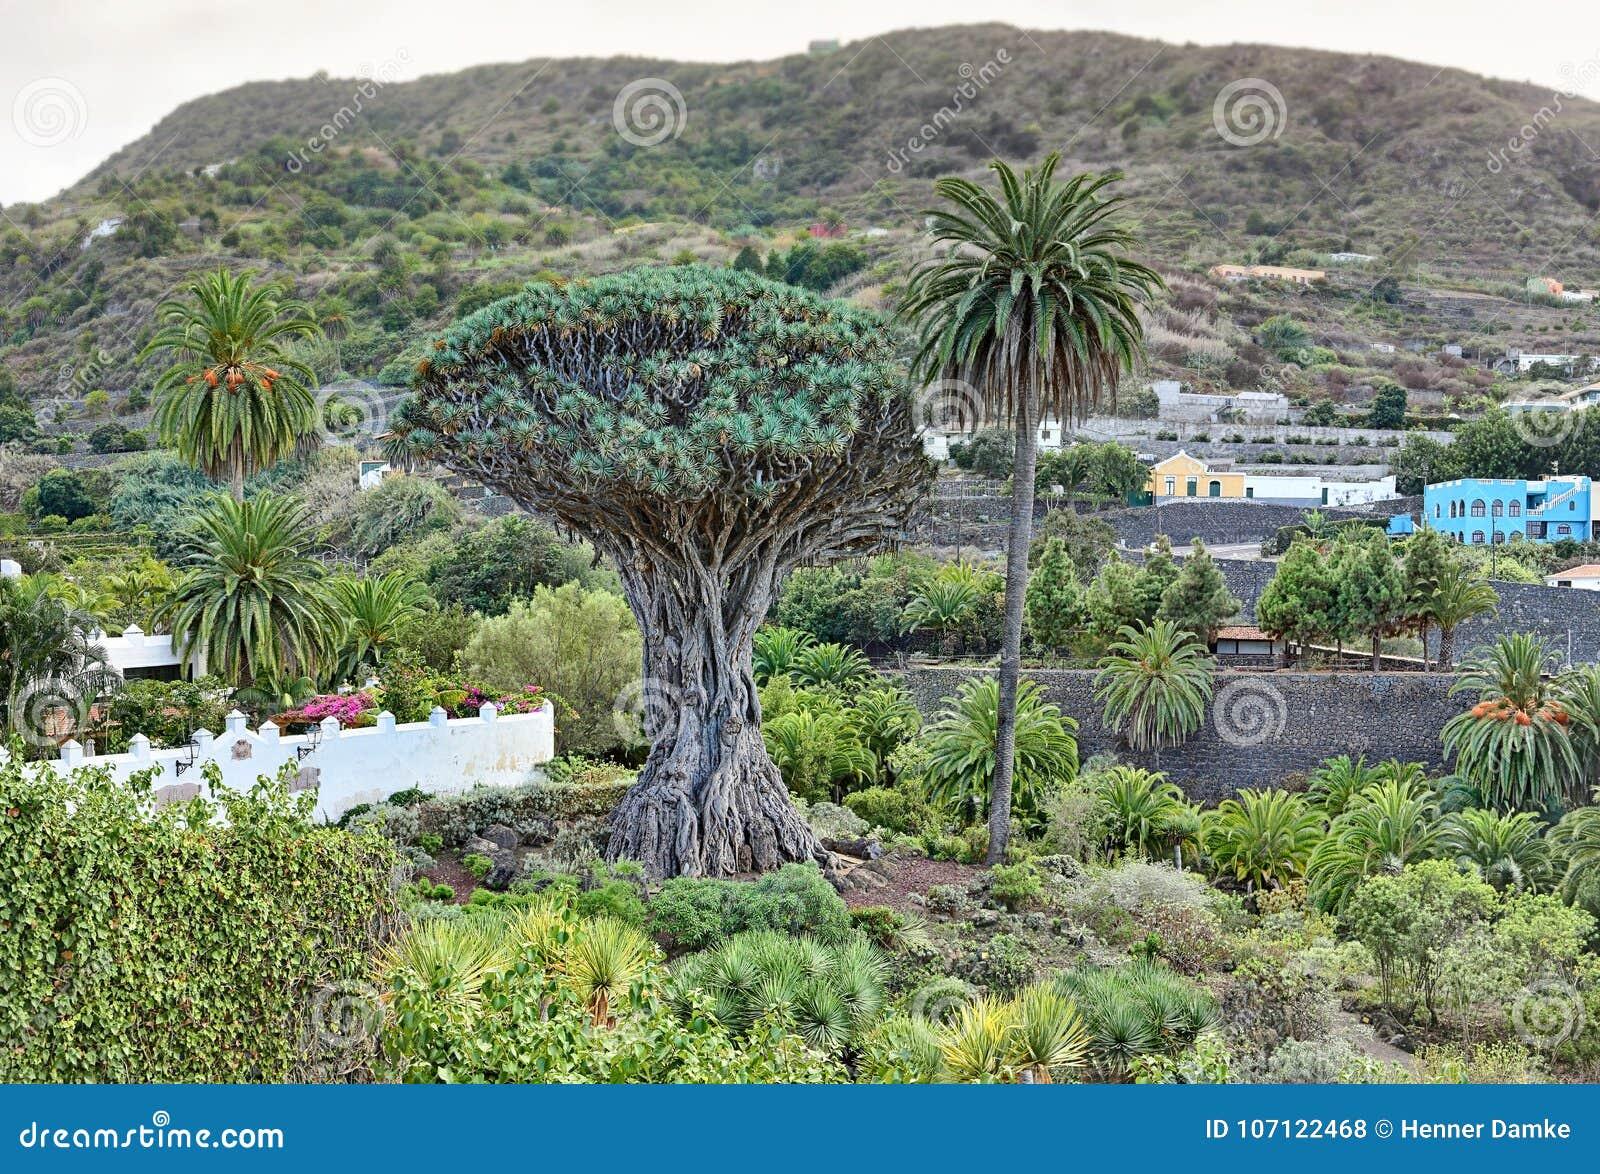 Beroemd Dragon Tree Drago Milenario in Icod de los Vinos - Tenerife